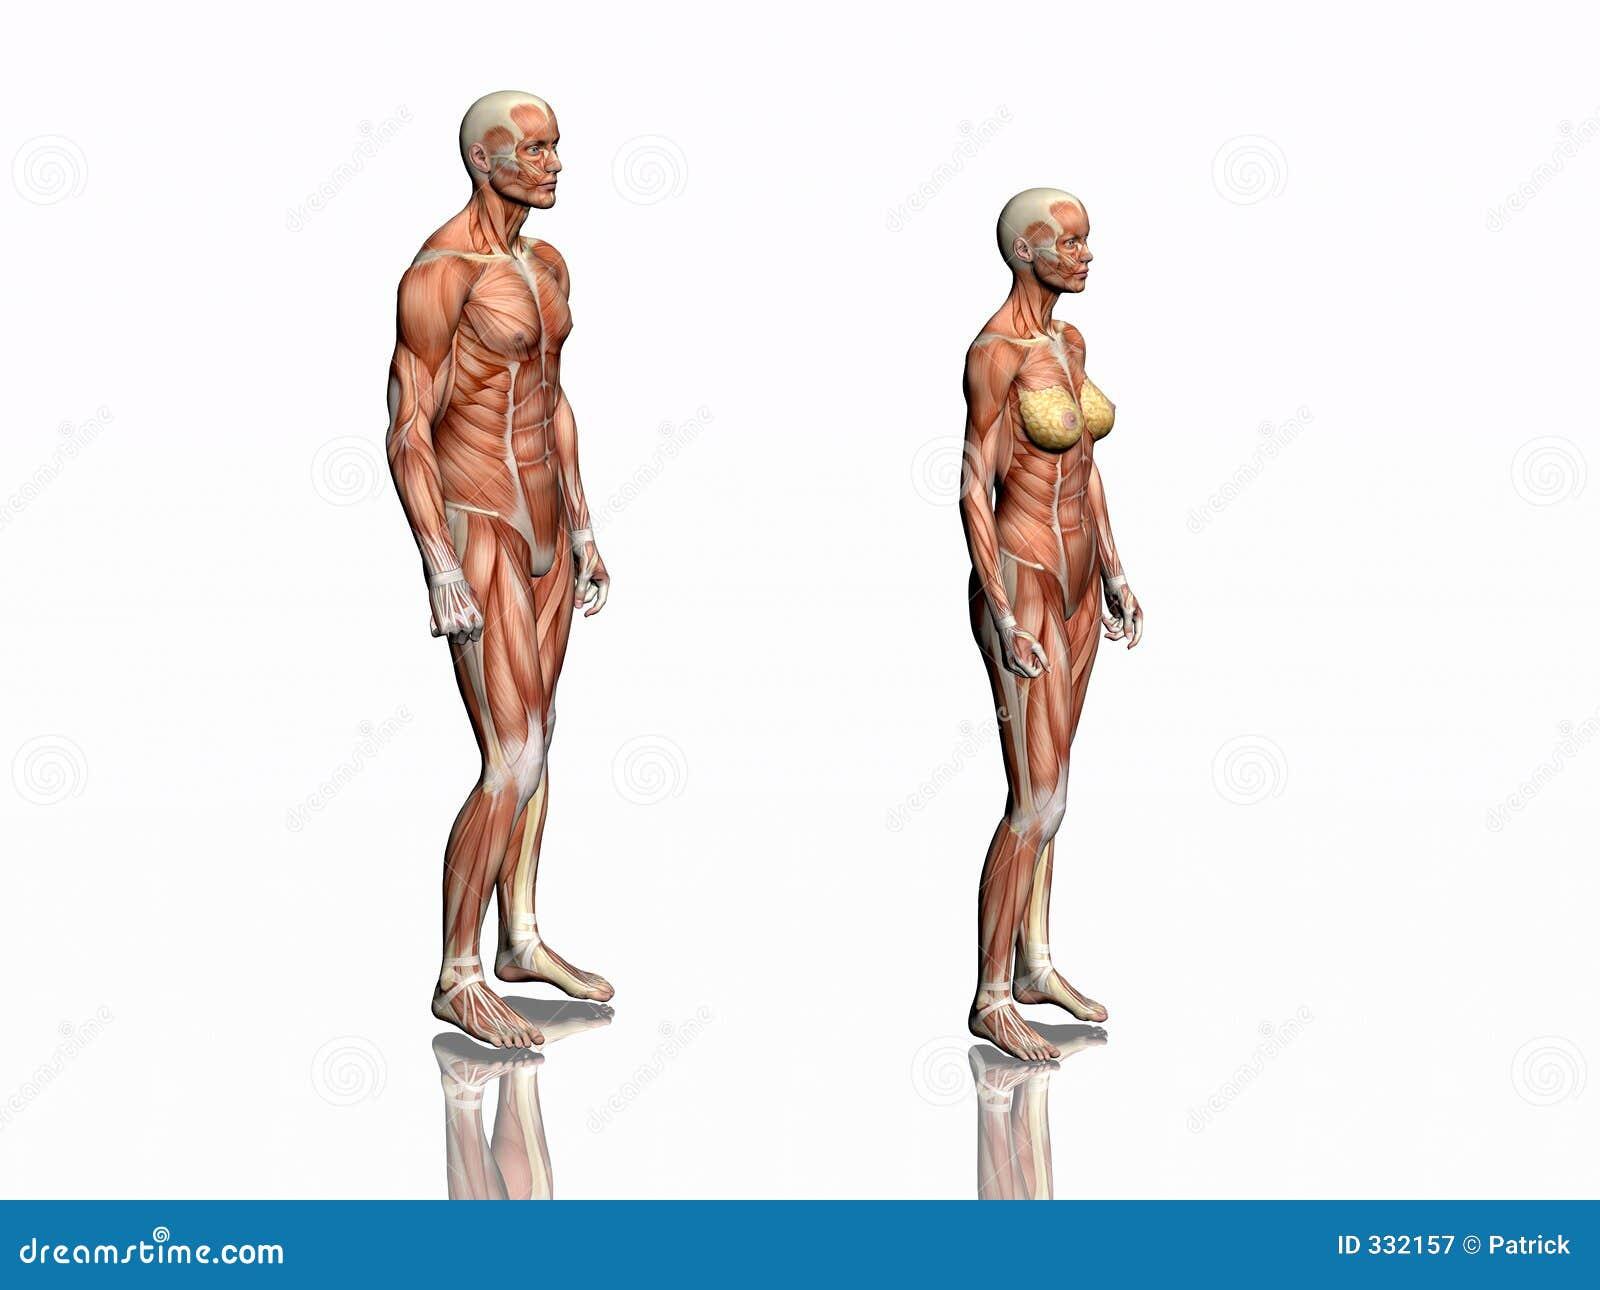 Anatomie Des Mannes Und Der Frau. Stock Abbildung - Illustration von ...